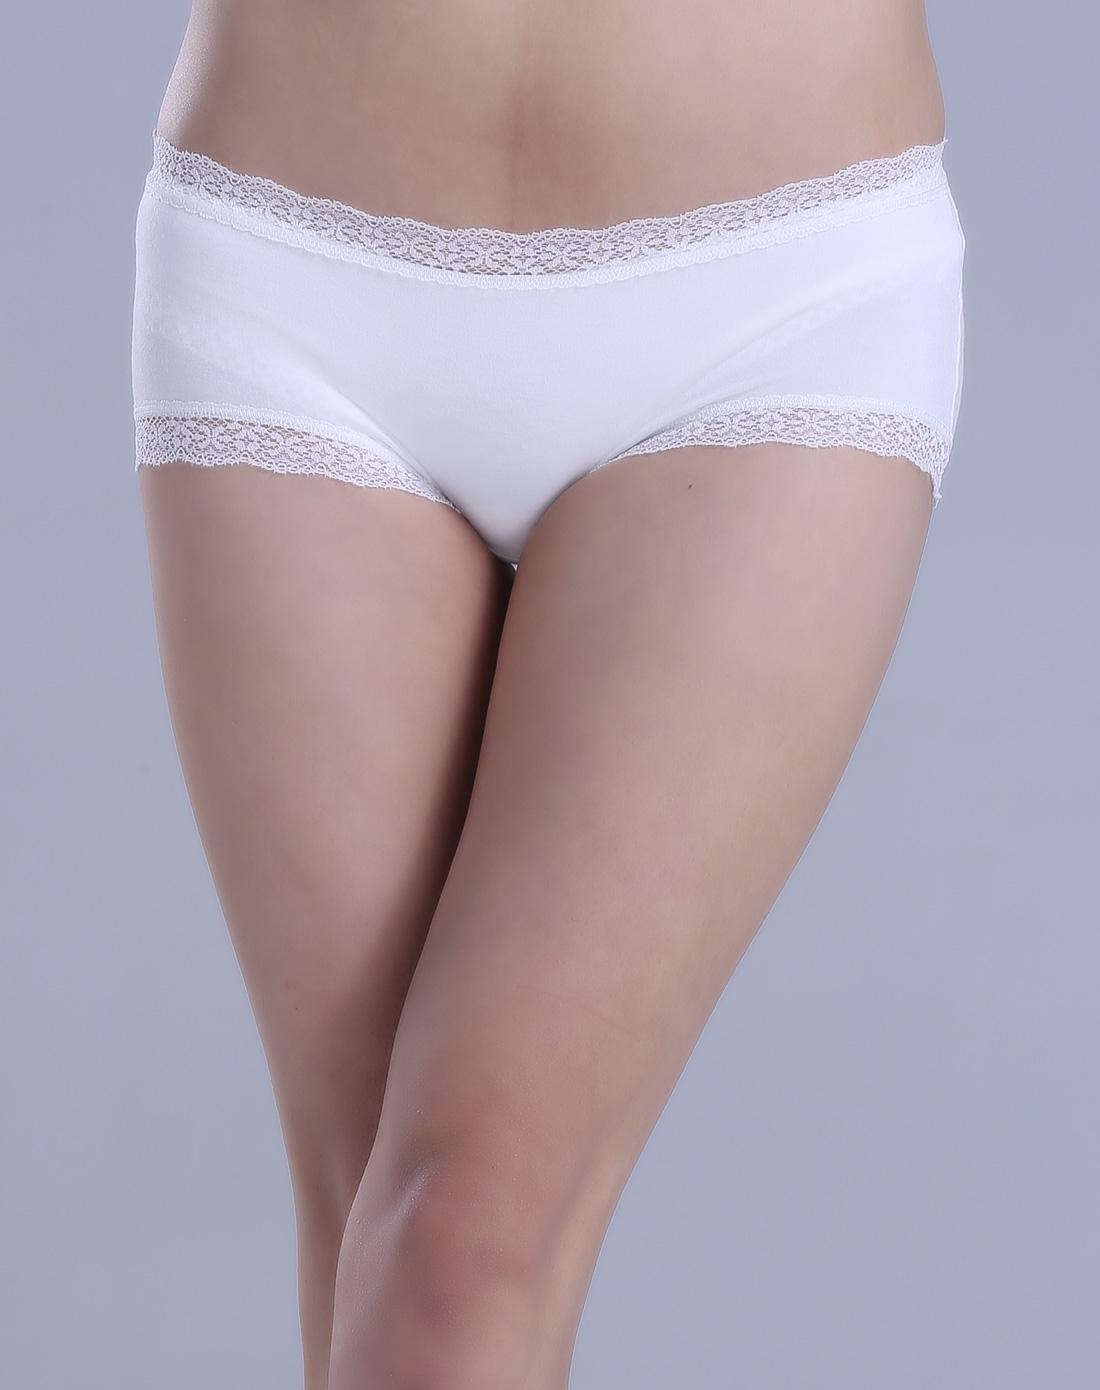 白白色潮吹影院_女款米白色内裤